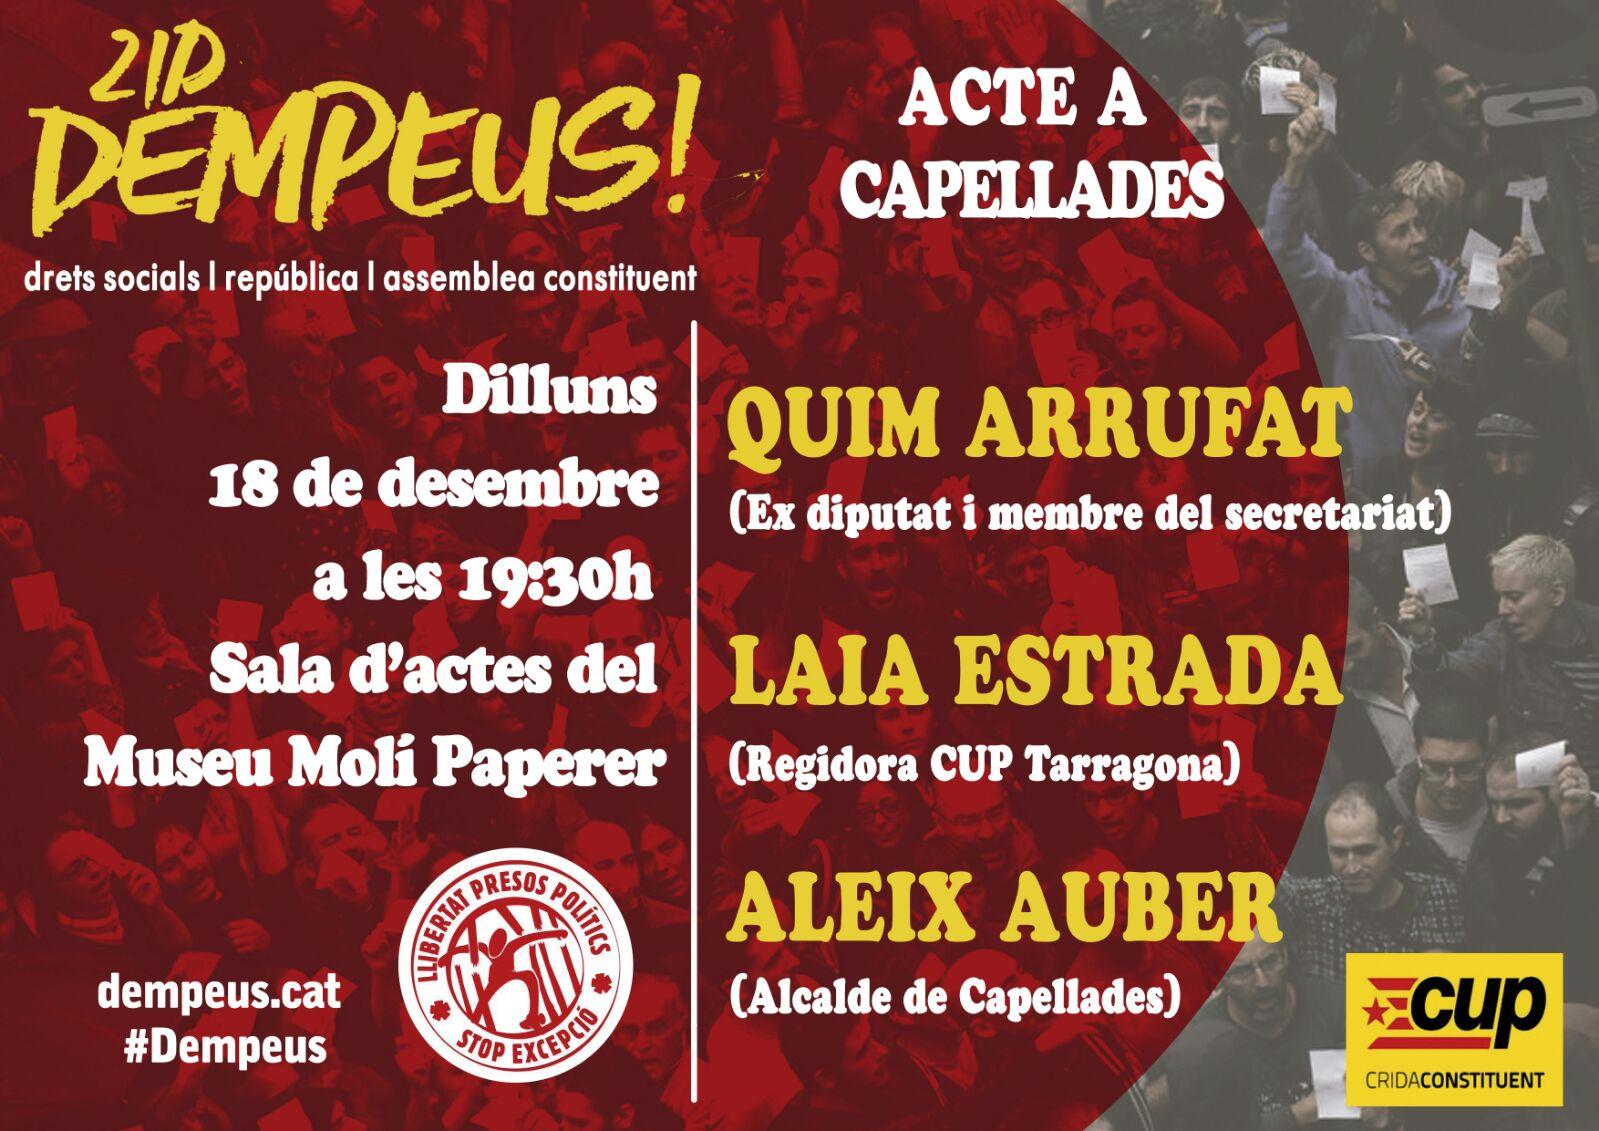 Acte de campanya a Capellades! DEMPEUS